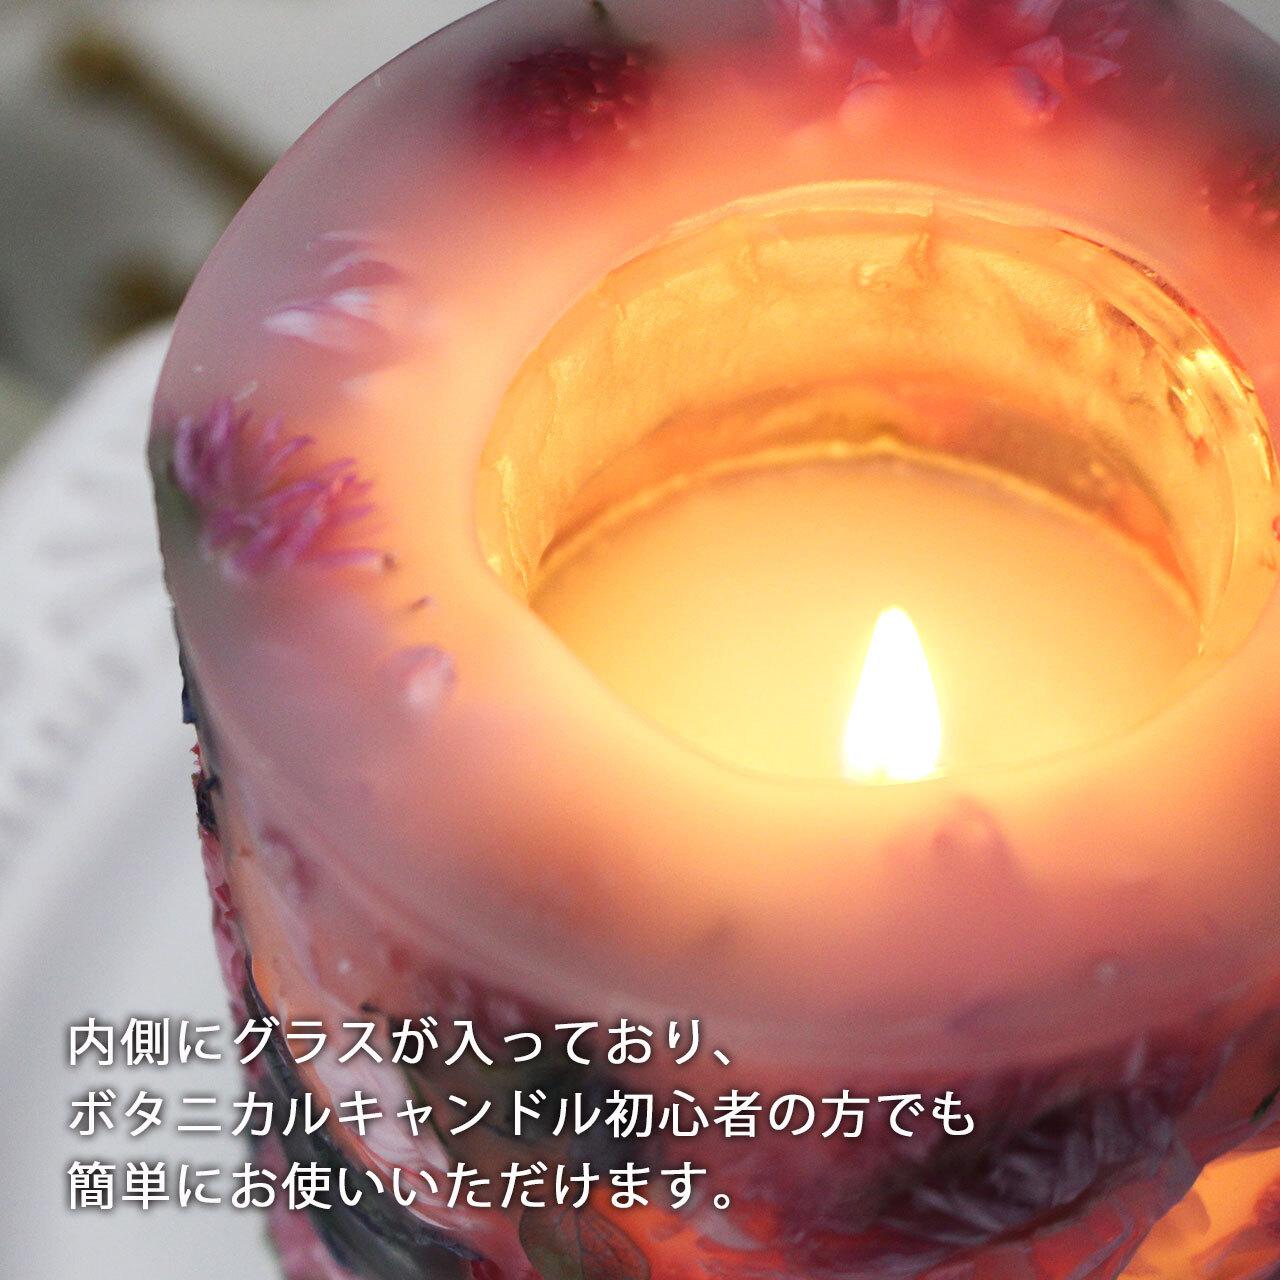 1点のみ・透明ラッピング&紙袋付き☆ボタニカルキャンドルギフト ガーデン